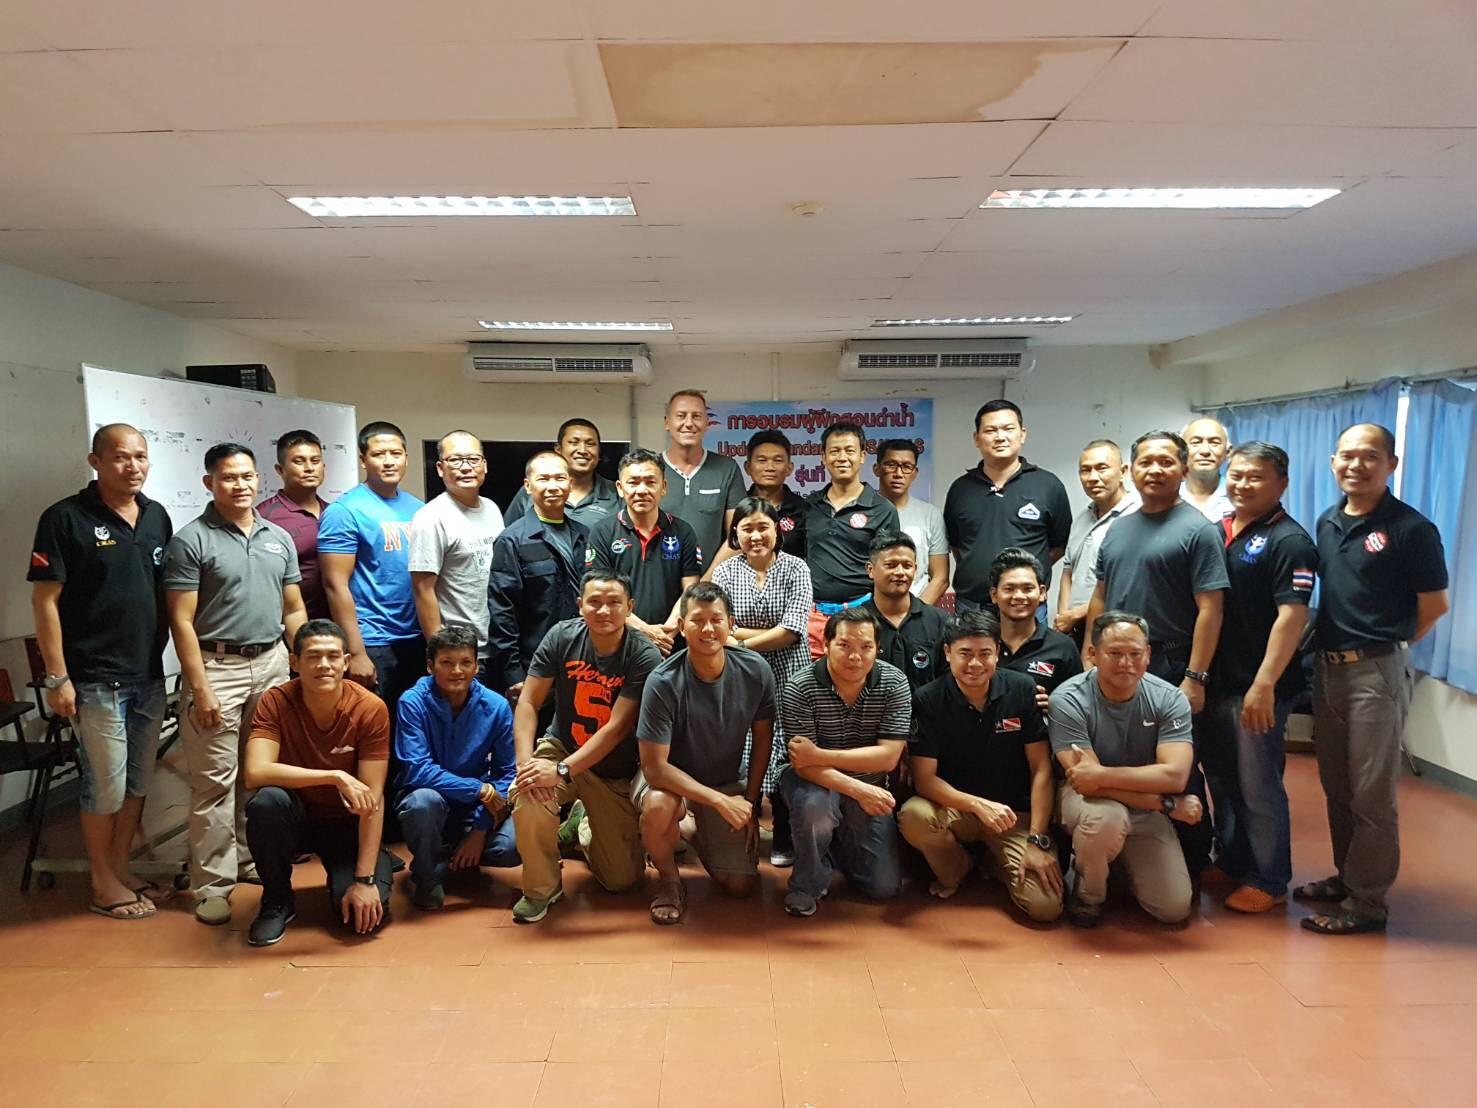 การอบรมผู้ฝึกสอนดำน้ำ Update Standard ATUS-CMAS รุ่นที่ 2  ณ ศูนย์กีฬาทางน้ำมหาวิทยาลัยธรรมศาสตร์รังสิต ระหว่างวันที่ 30-1 พฤศจิกายน 2560